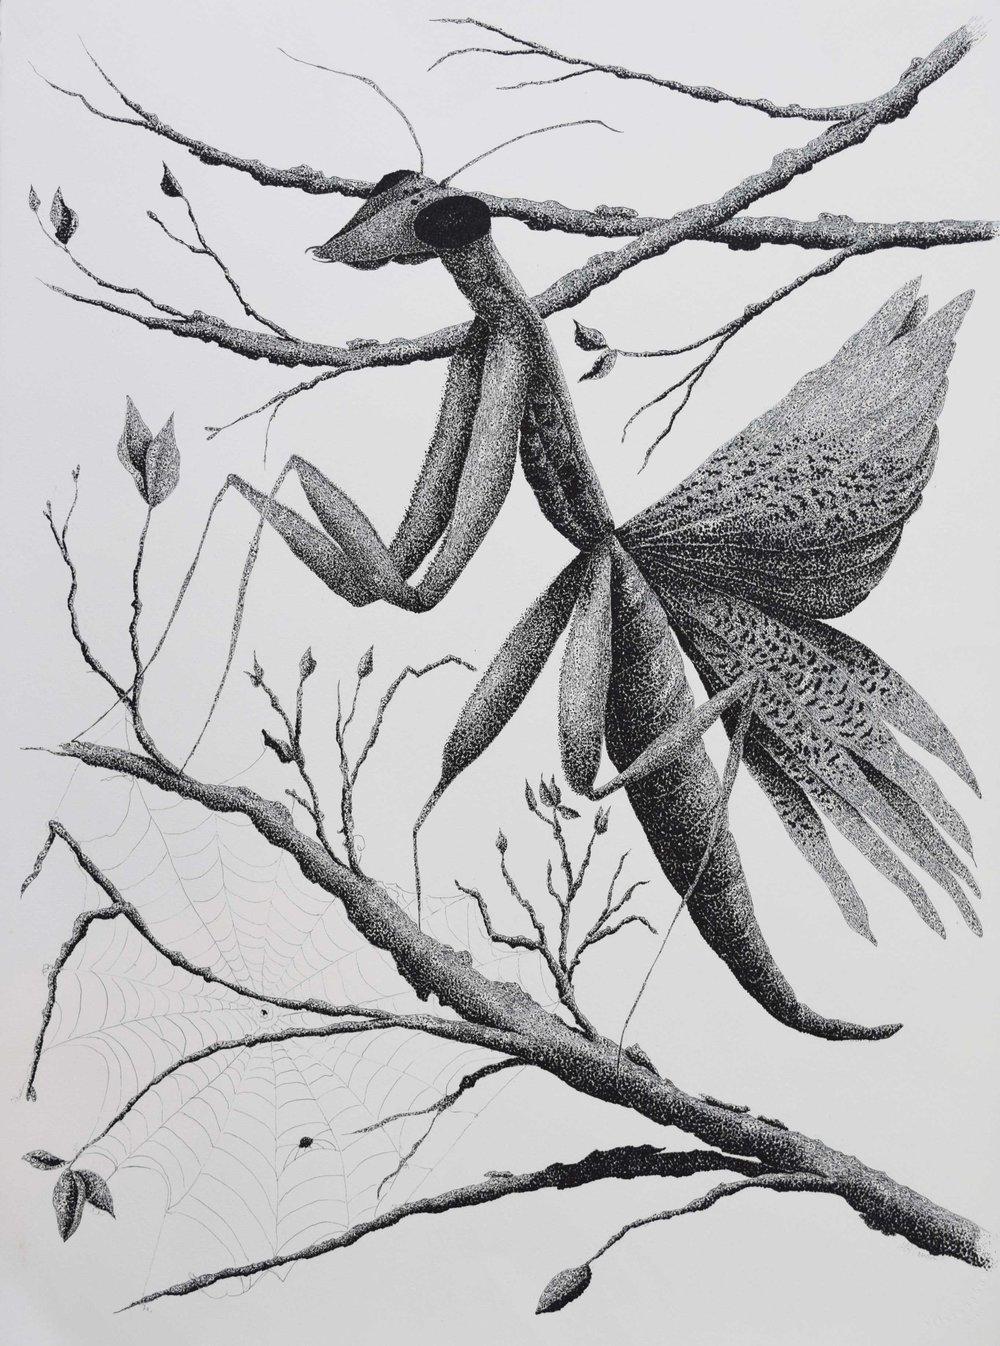 Praying-Mantis-or-Mantid-'Matilda'.jpg